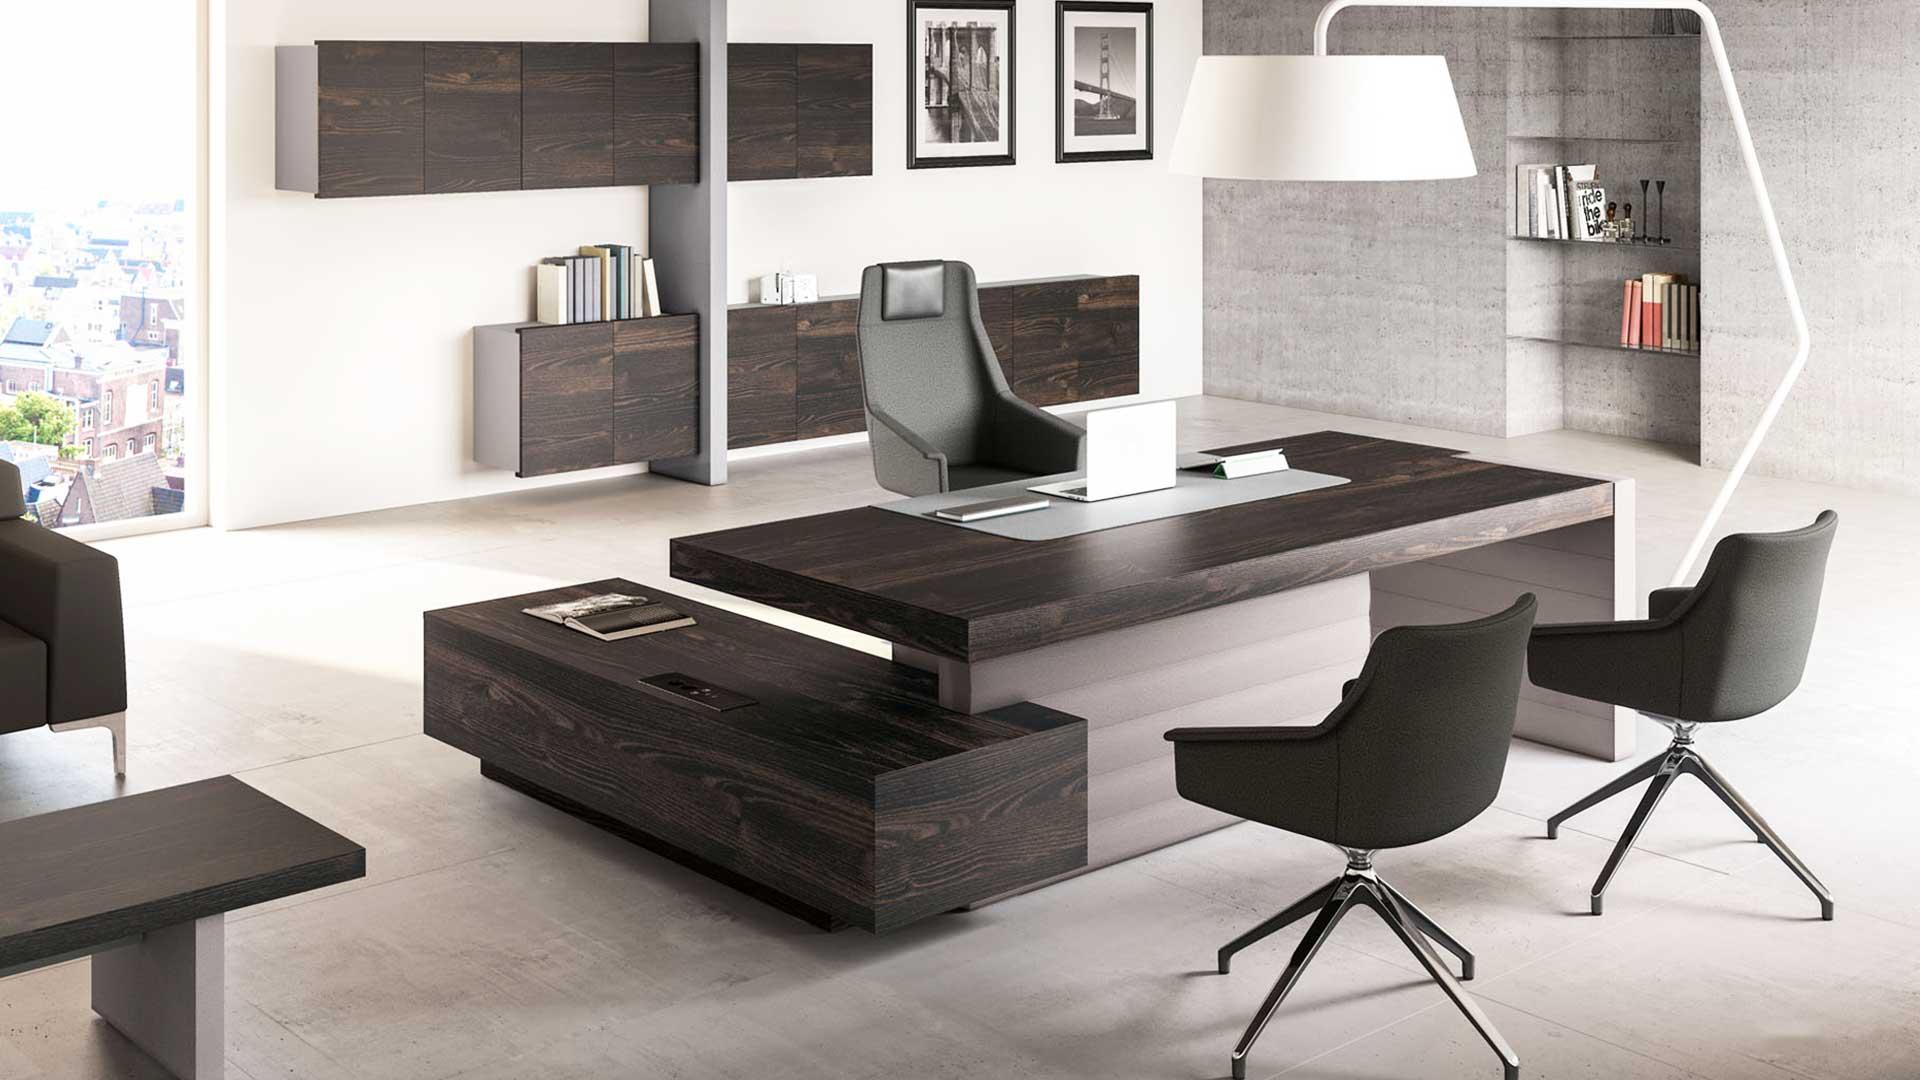 Scrivania ufficio design elegant with scrivania ufficio for Design ufficio scrivania